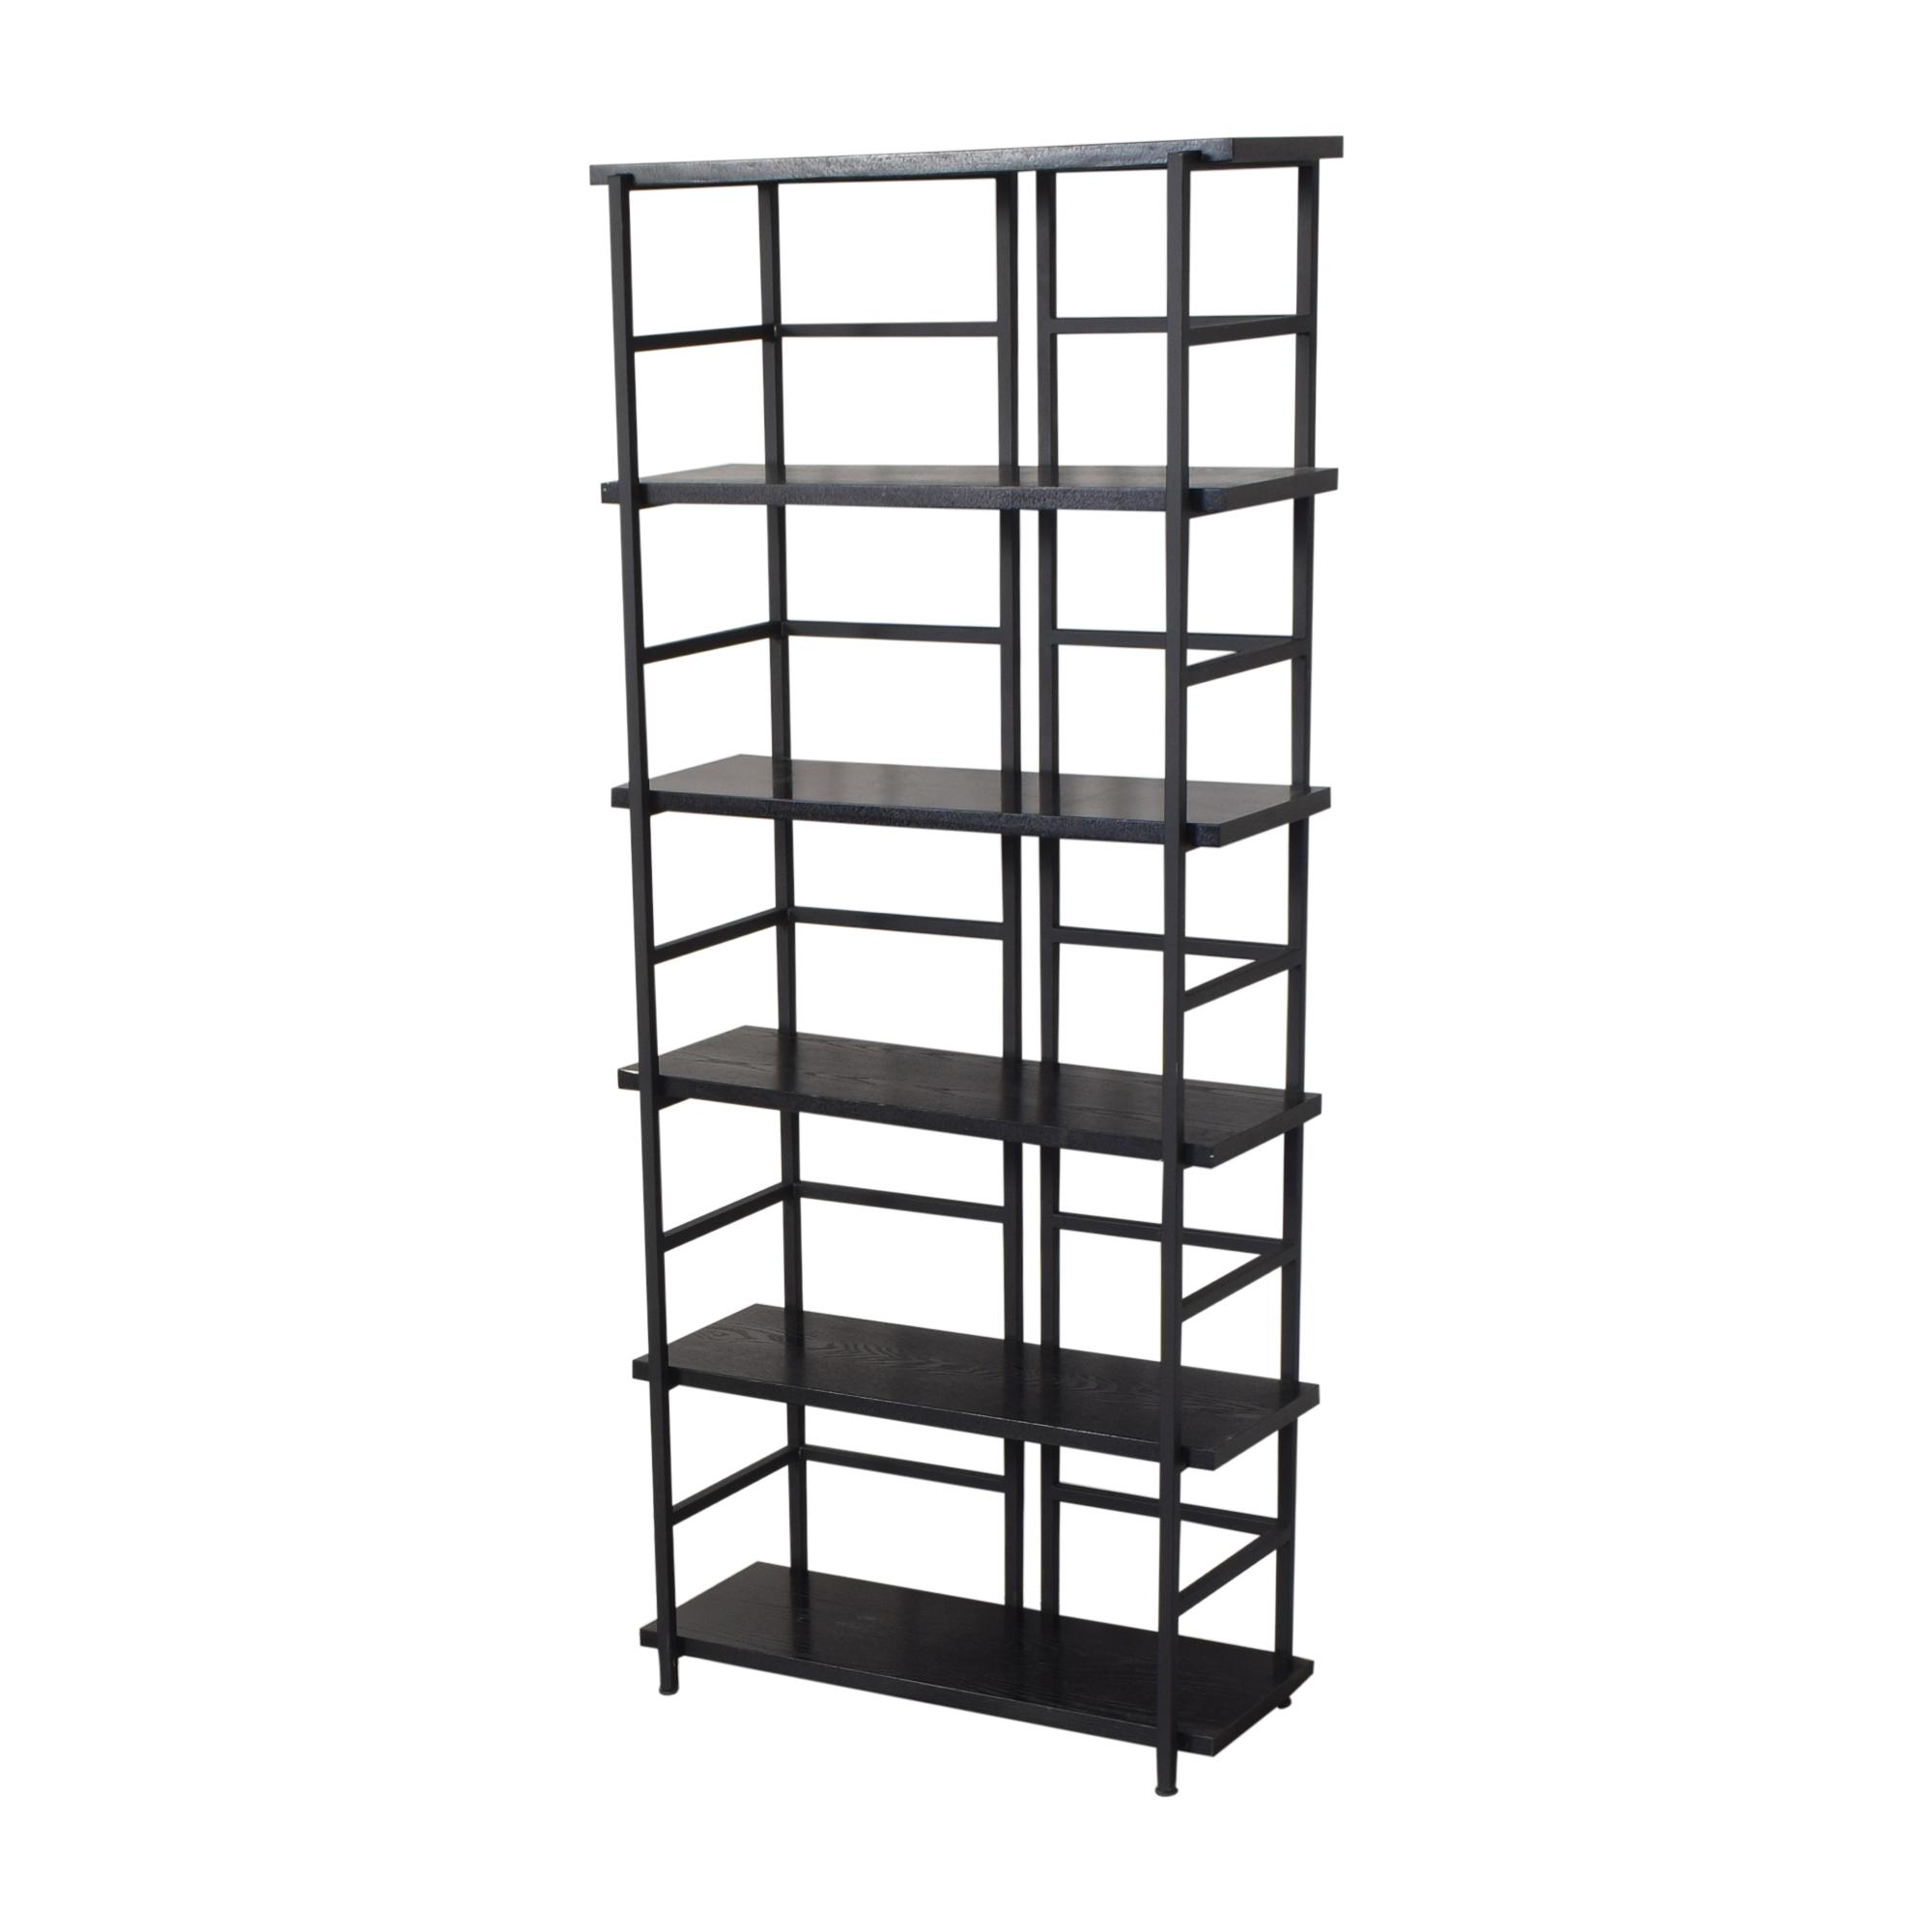 The Container Store The Container Store Connections Five Shelf Bookshelf Storage